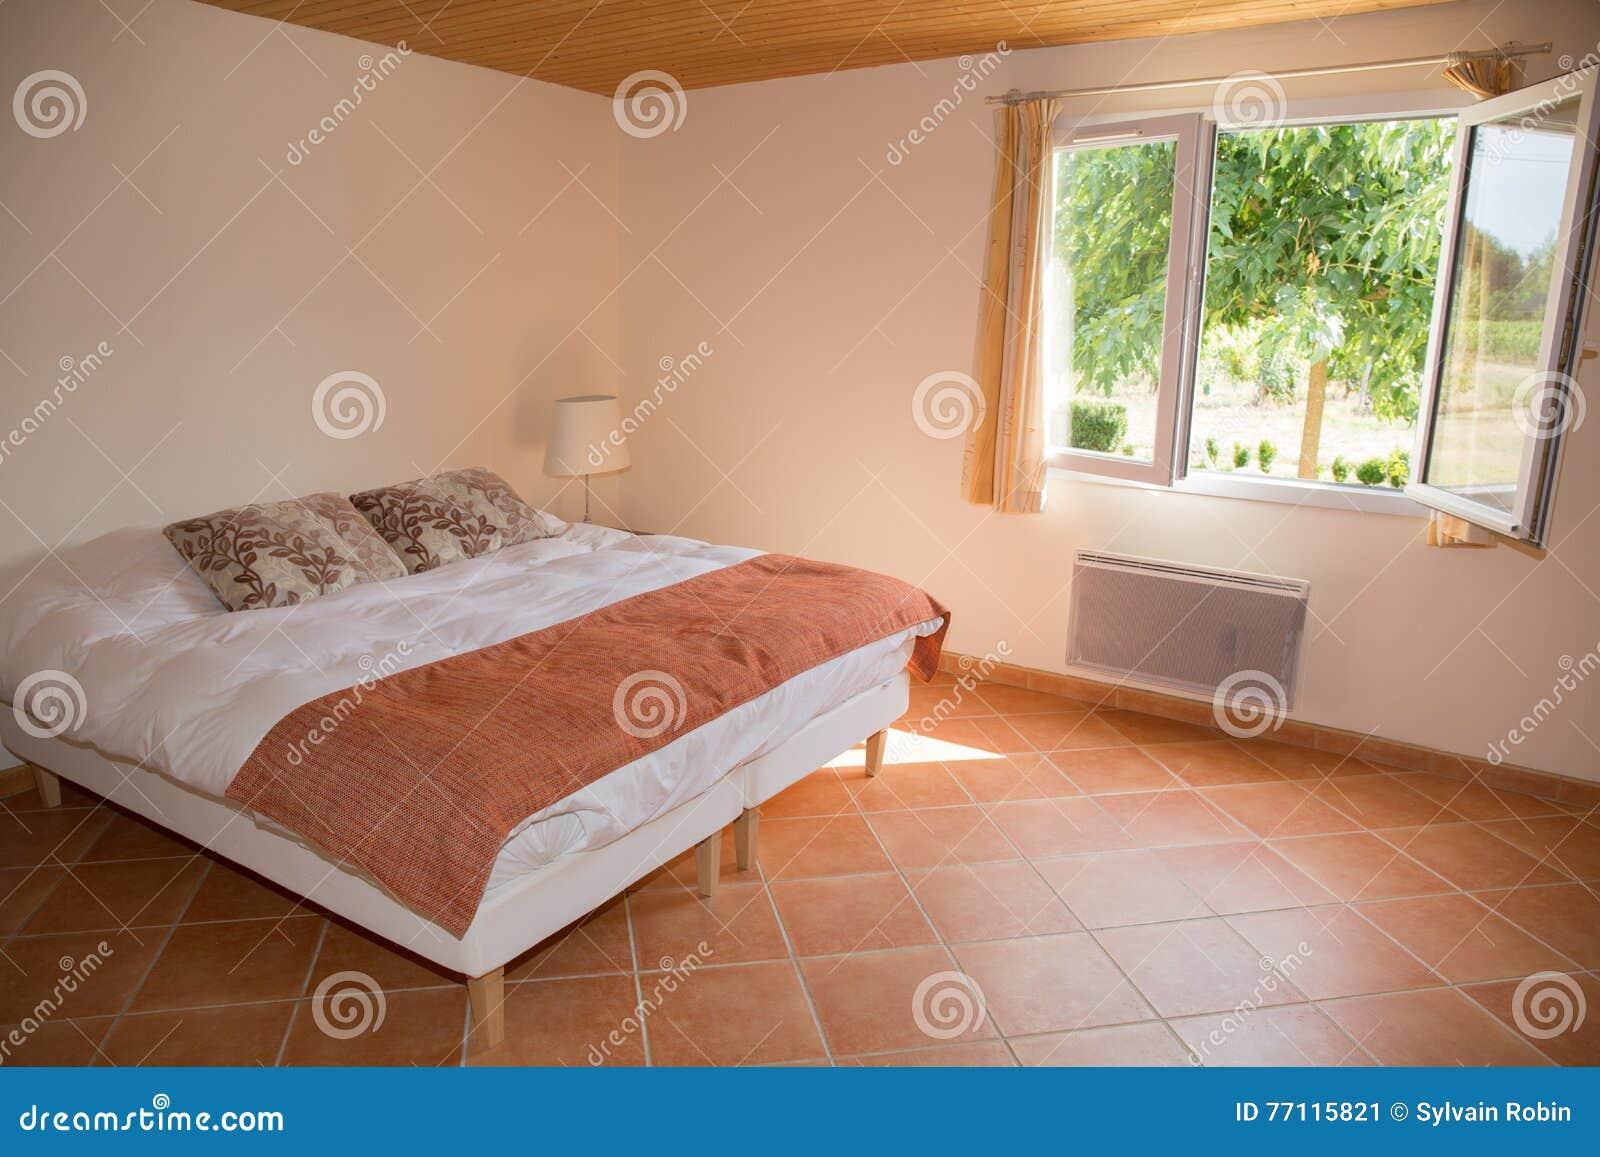 Chambre à Coucher Sur Une Maison Moderne Simple Et Spacieuse Image ...